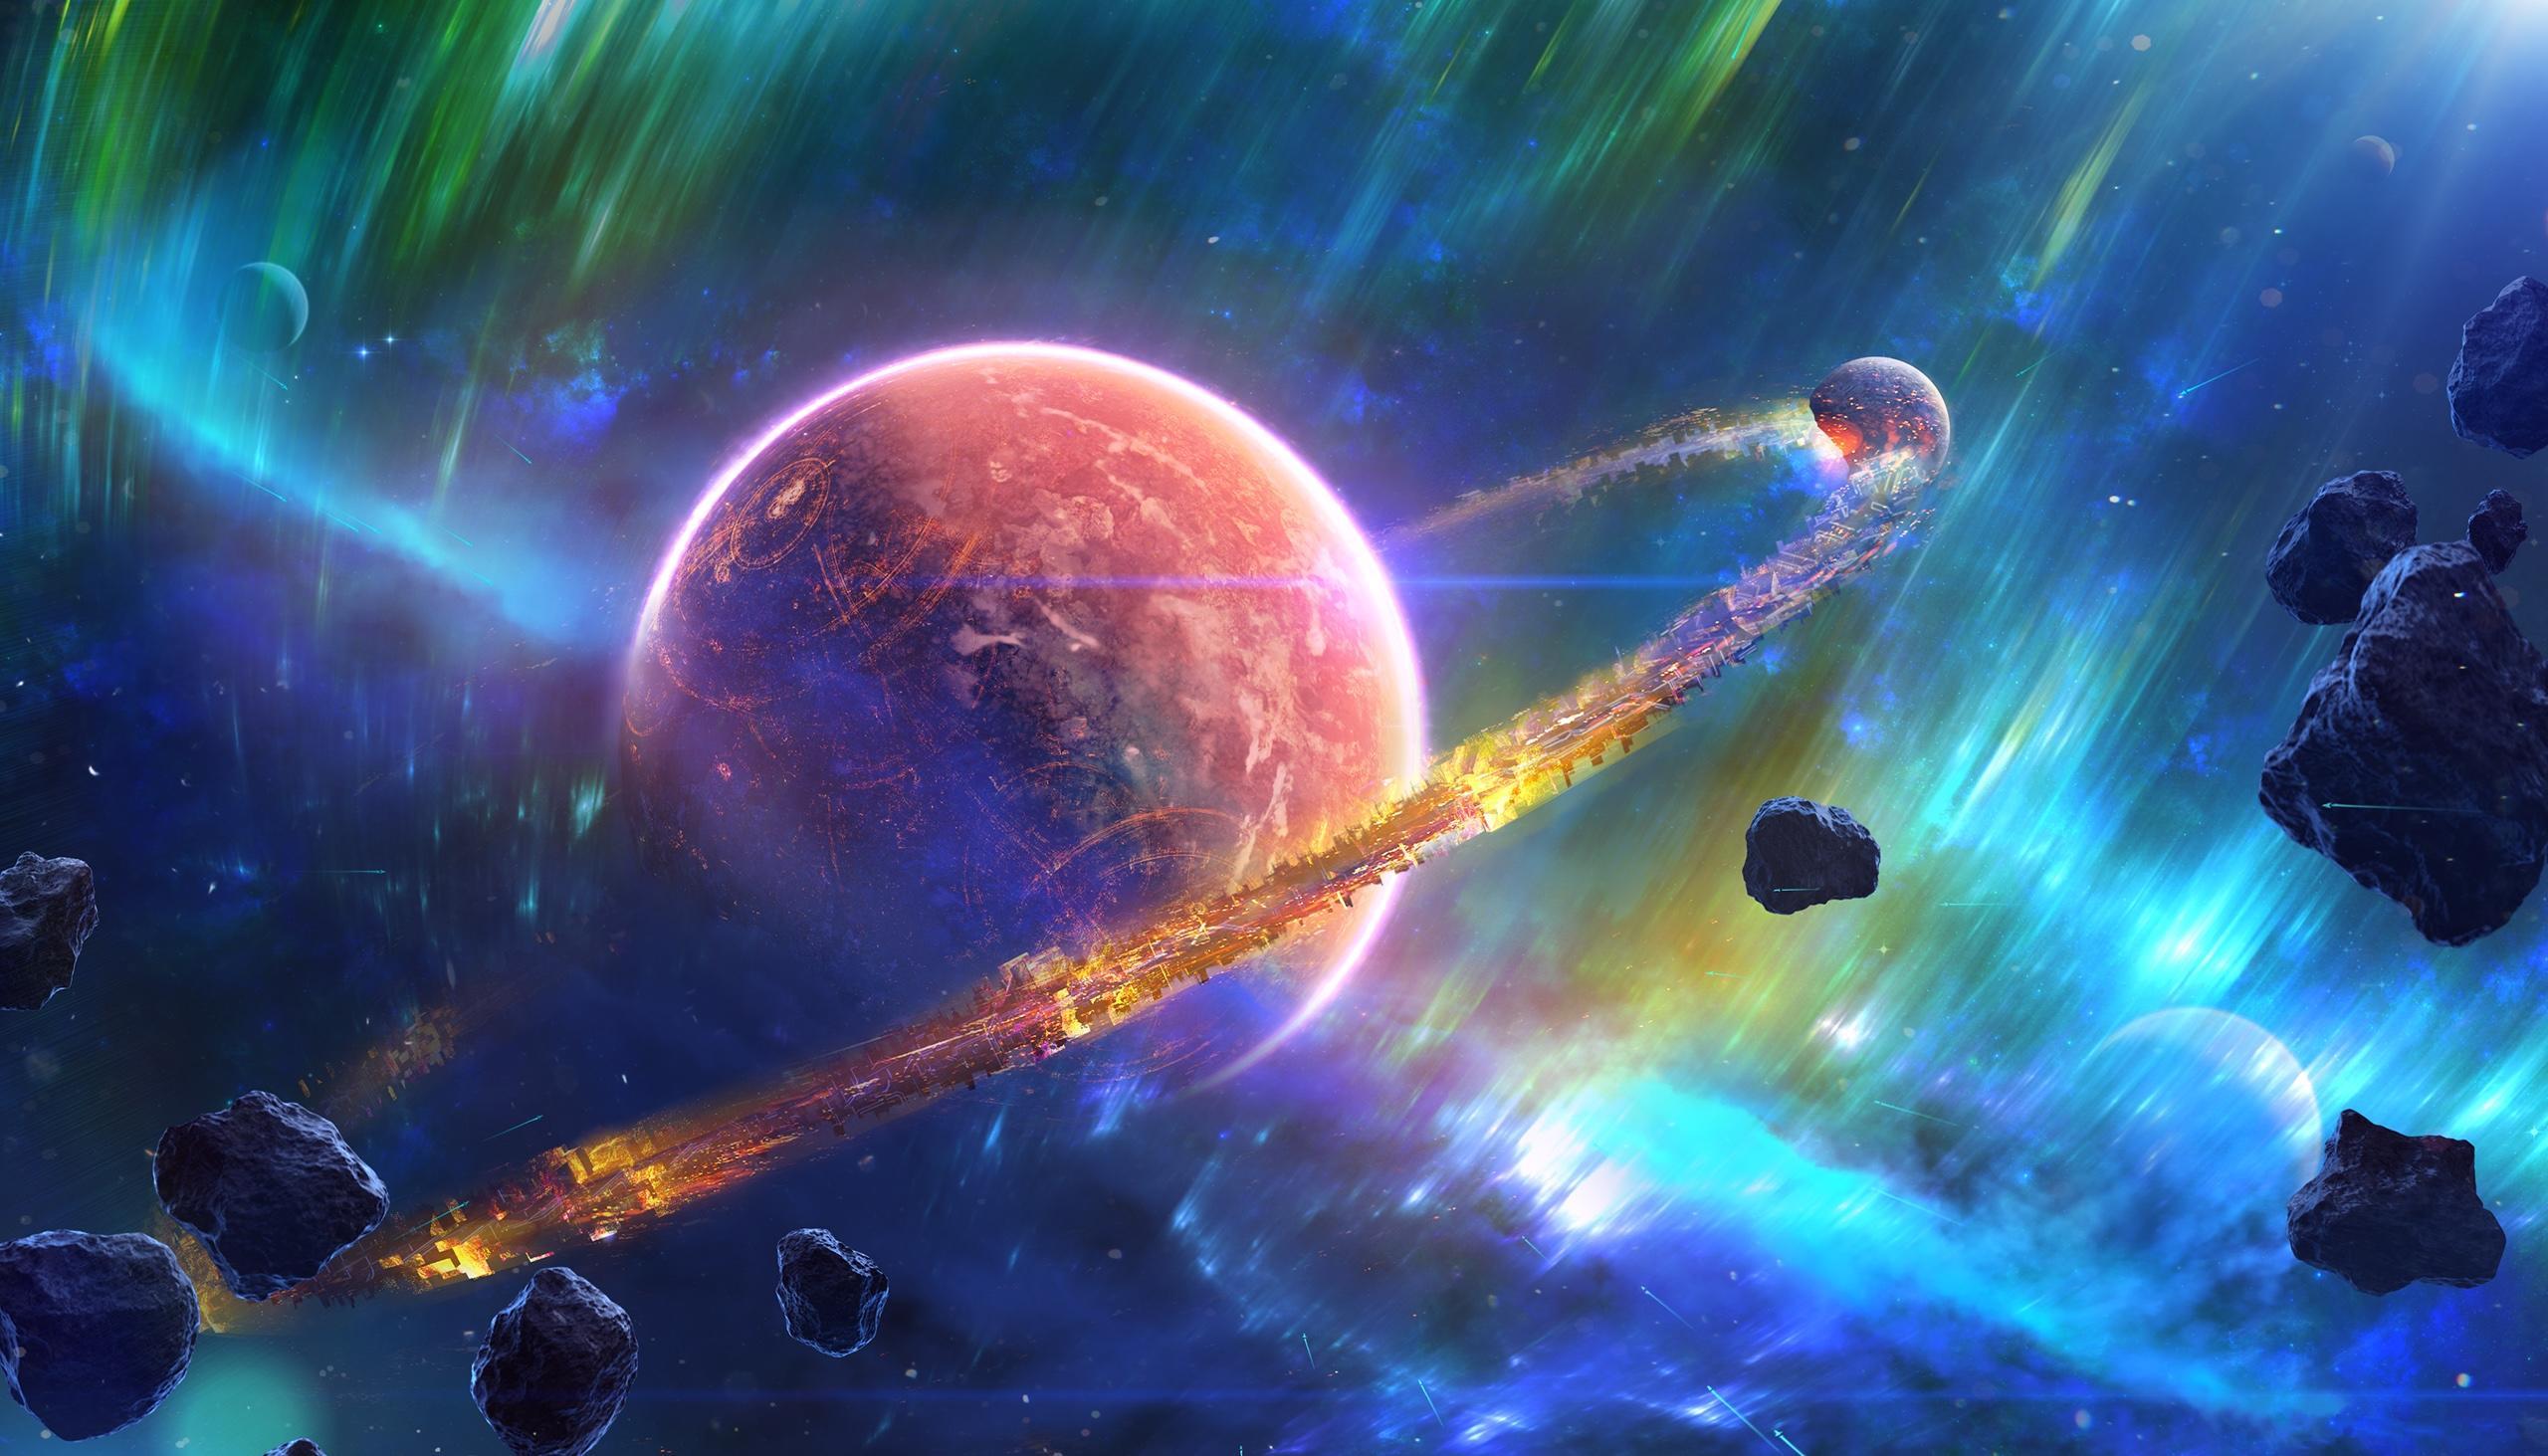 обои космос, планета, вселенная, галактика картинки фото